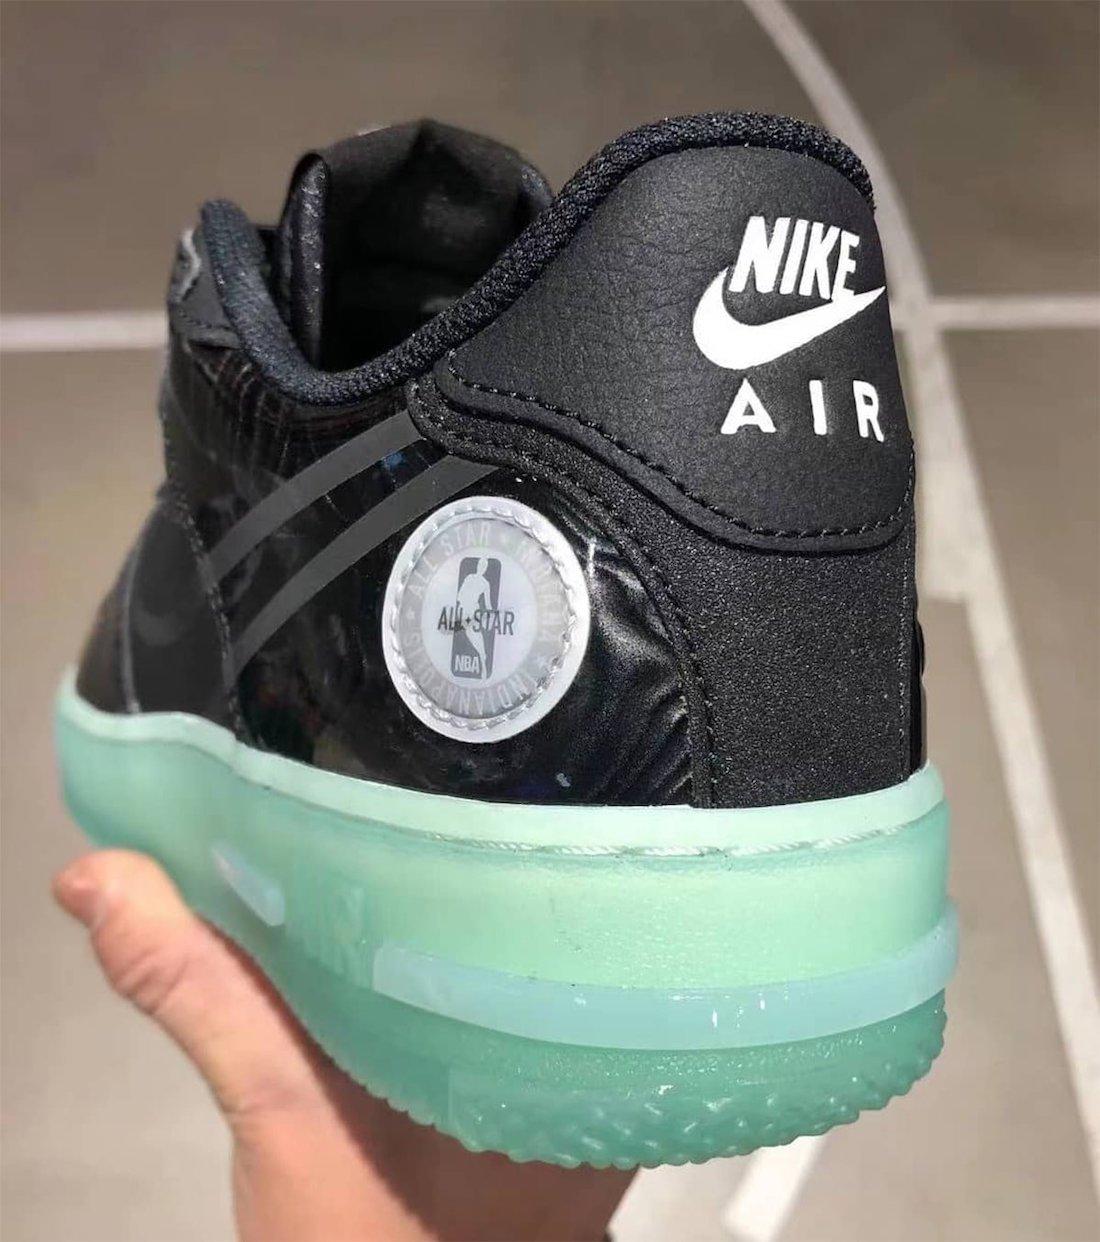 Nike Air Force 1 React All-Star CV2218-001